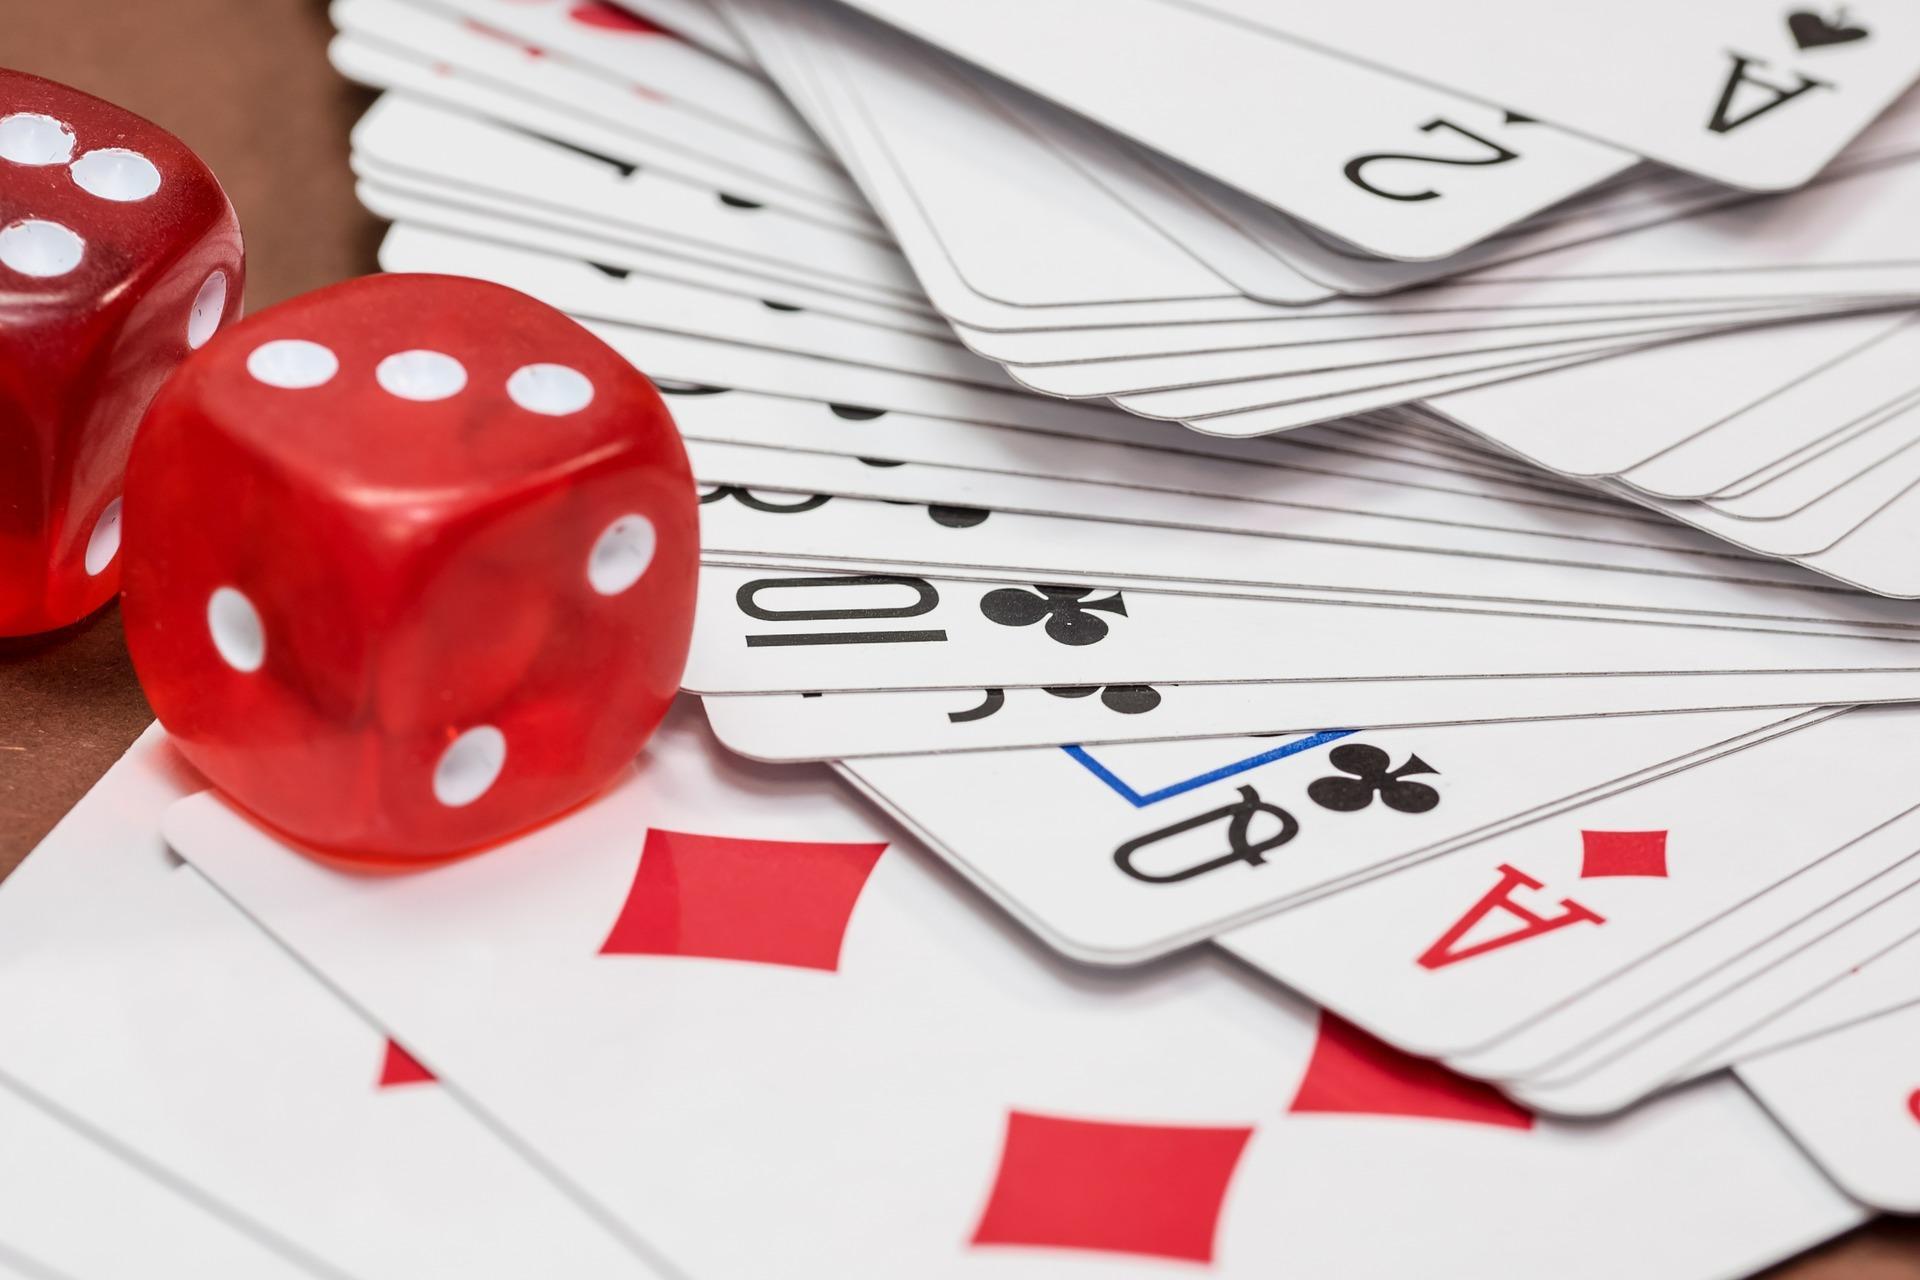 Impuestos de apuestas juegos VipStakes com-755380